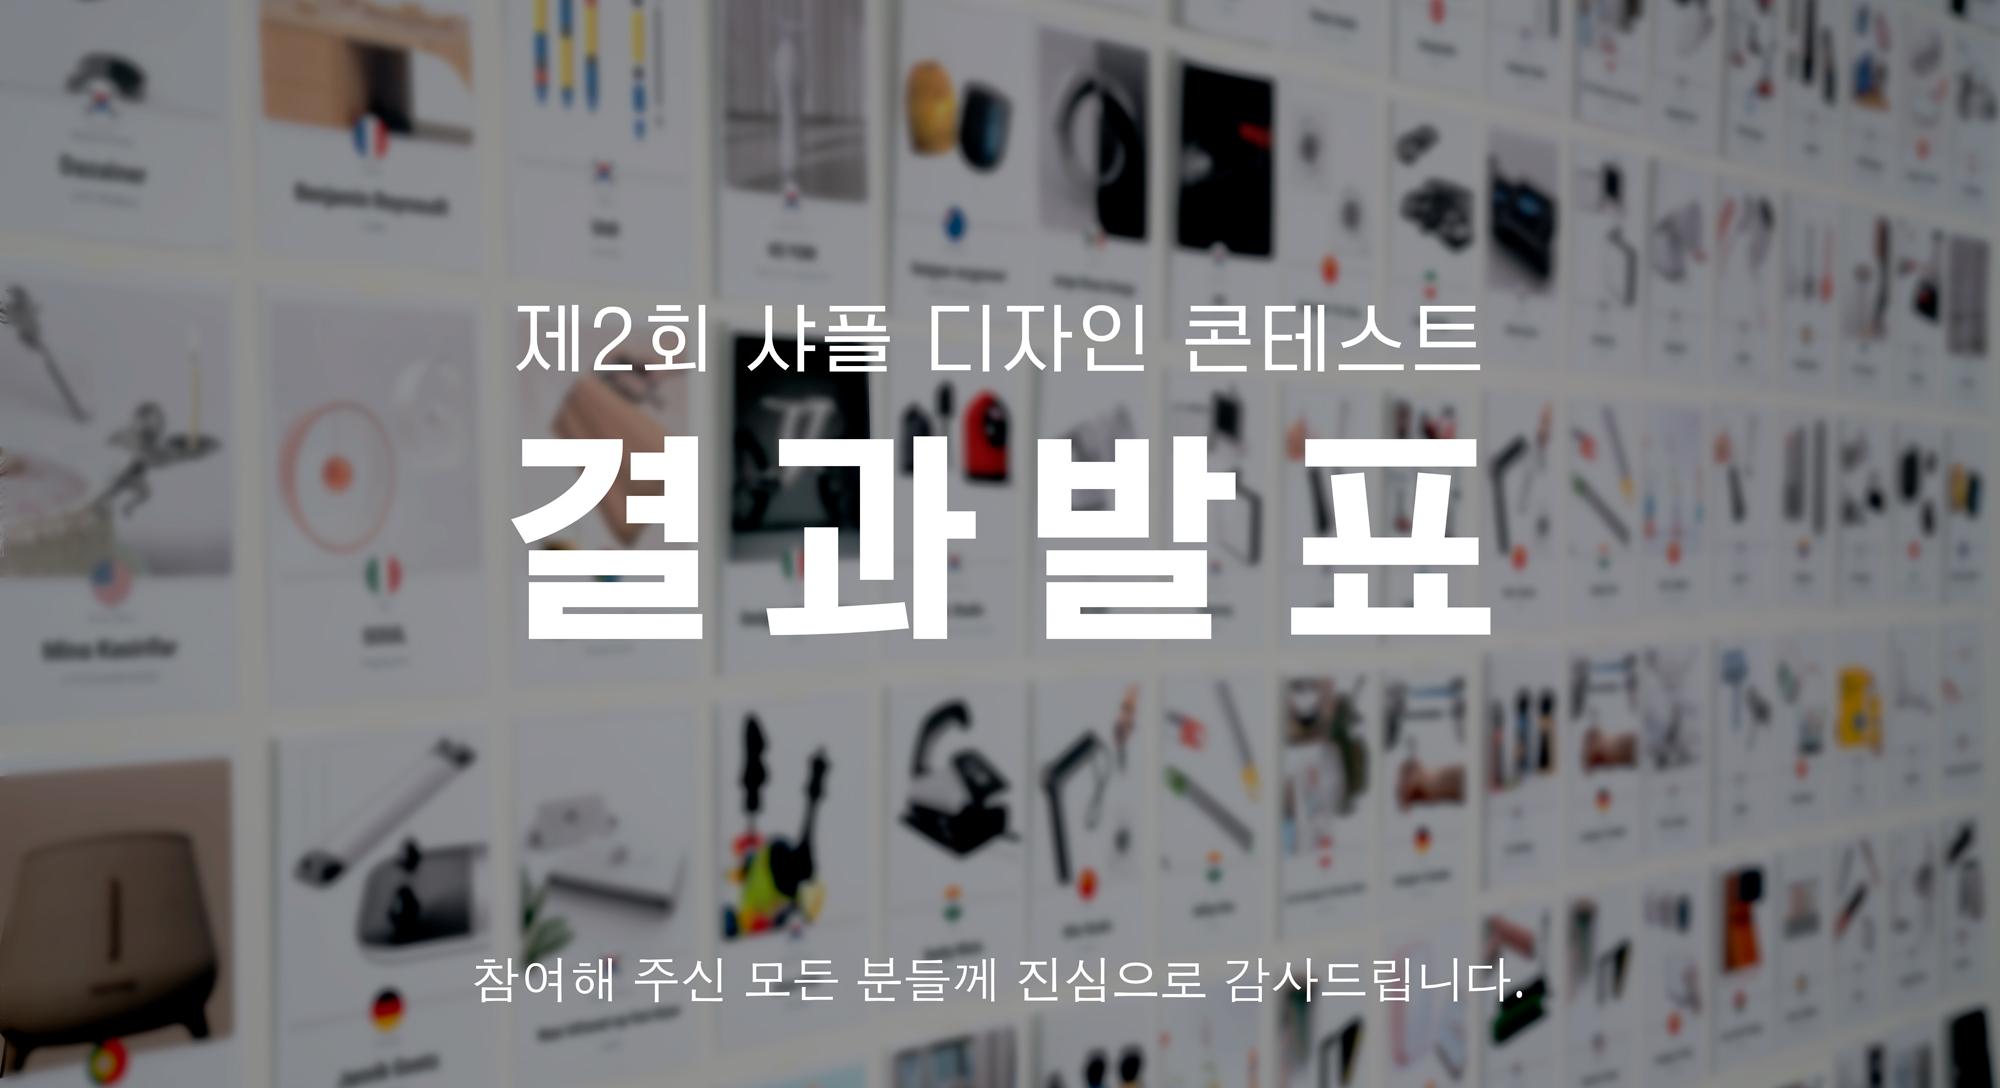 제2회 샤플 디자인 콘테스트 결과발표